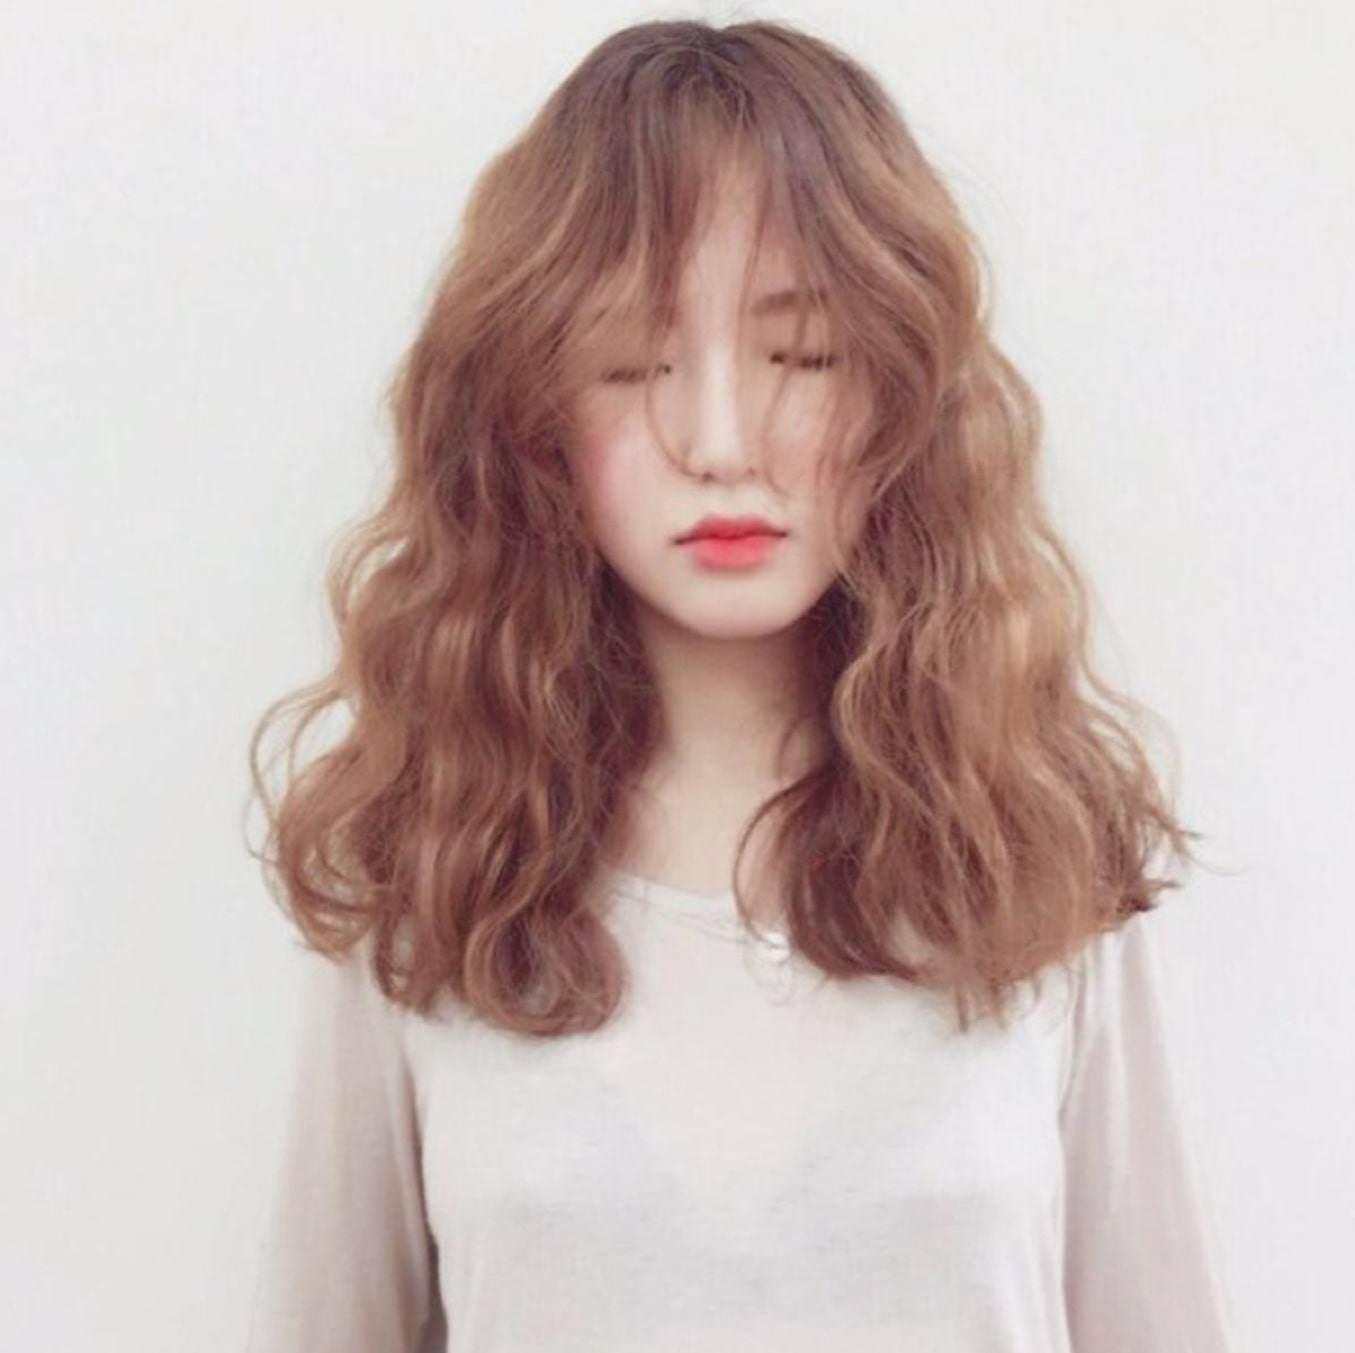 Làm mới bản thân, nàng trẻ trung tươi tắn với những kiểu tóc uốn mì tôm dẫn đầu xu hướng